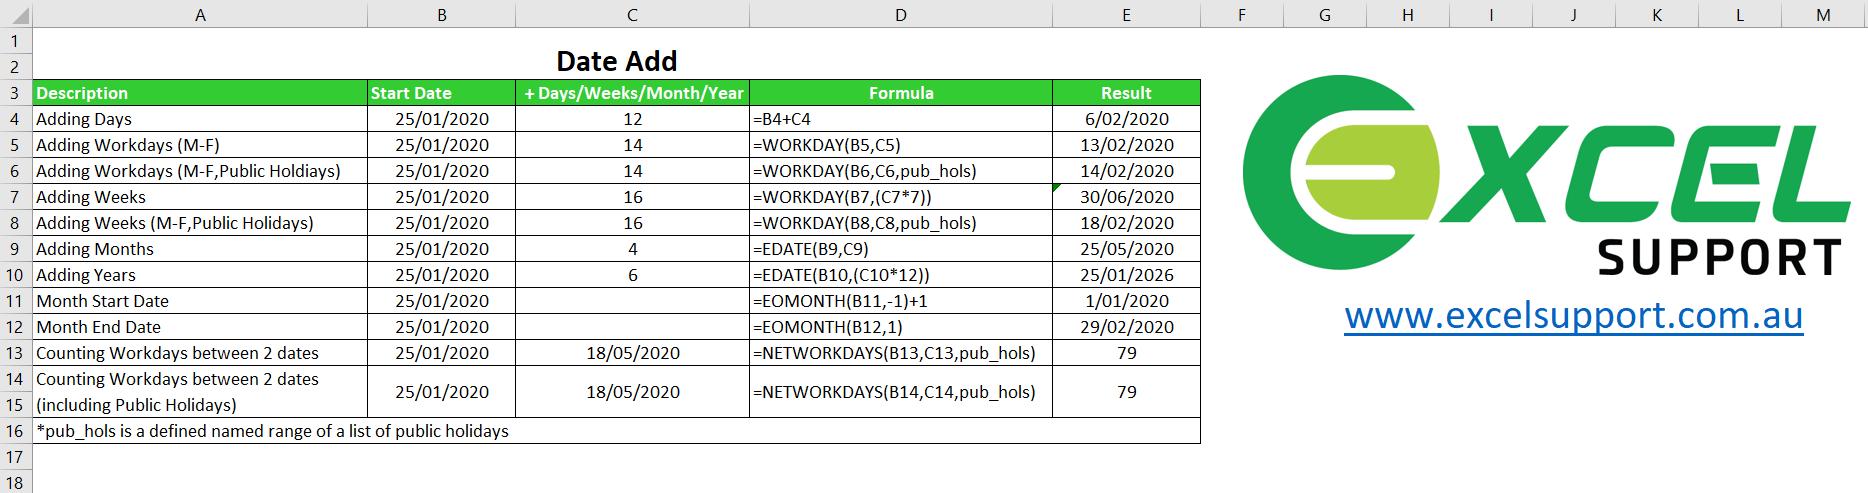 Add Dates in